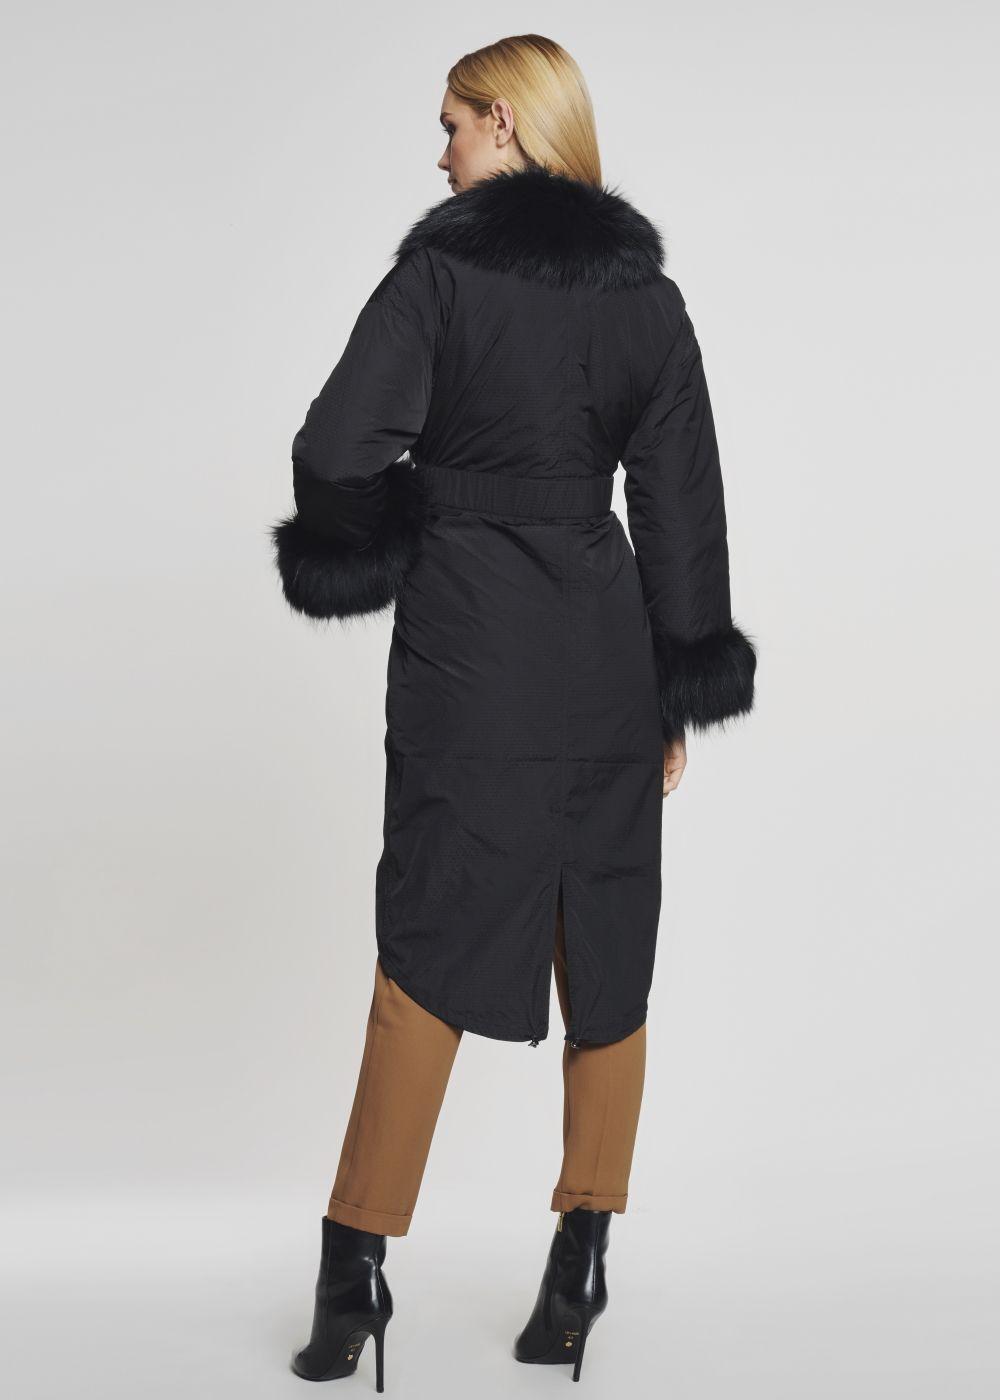 Długa zimowa kurtka damska z paskiem KURDT-0155-99(Z21)